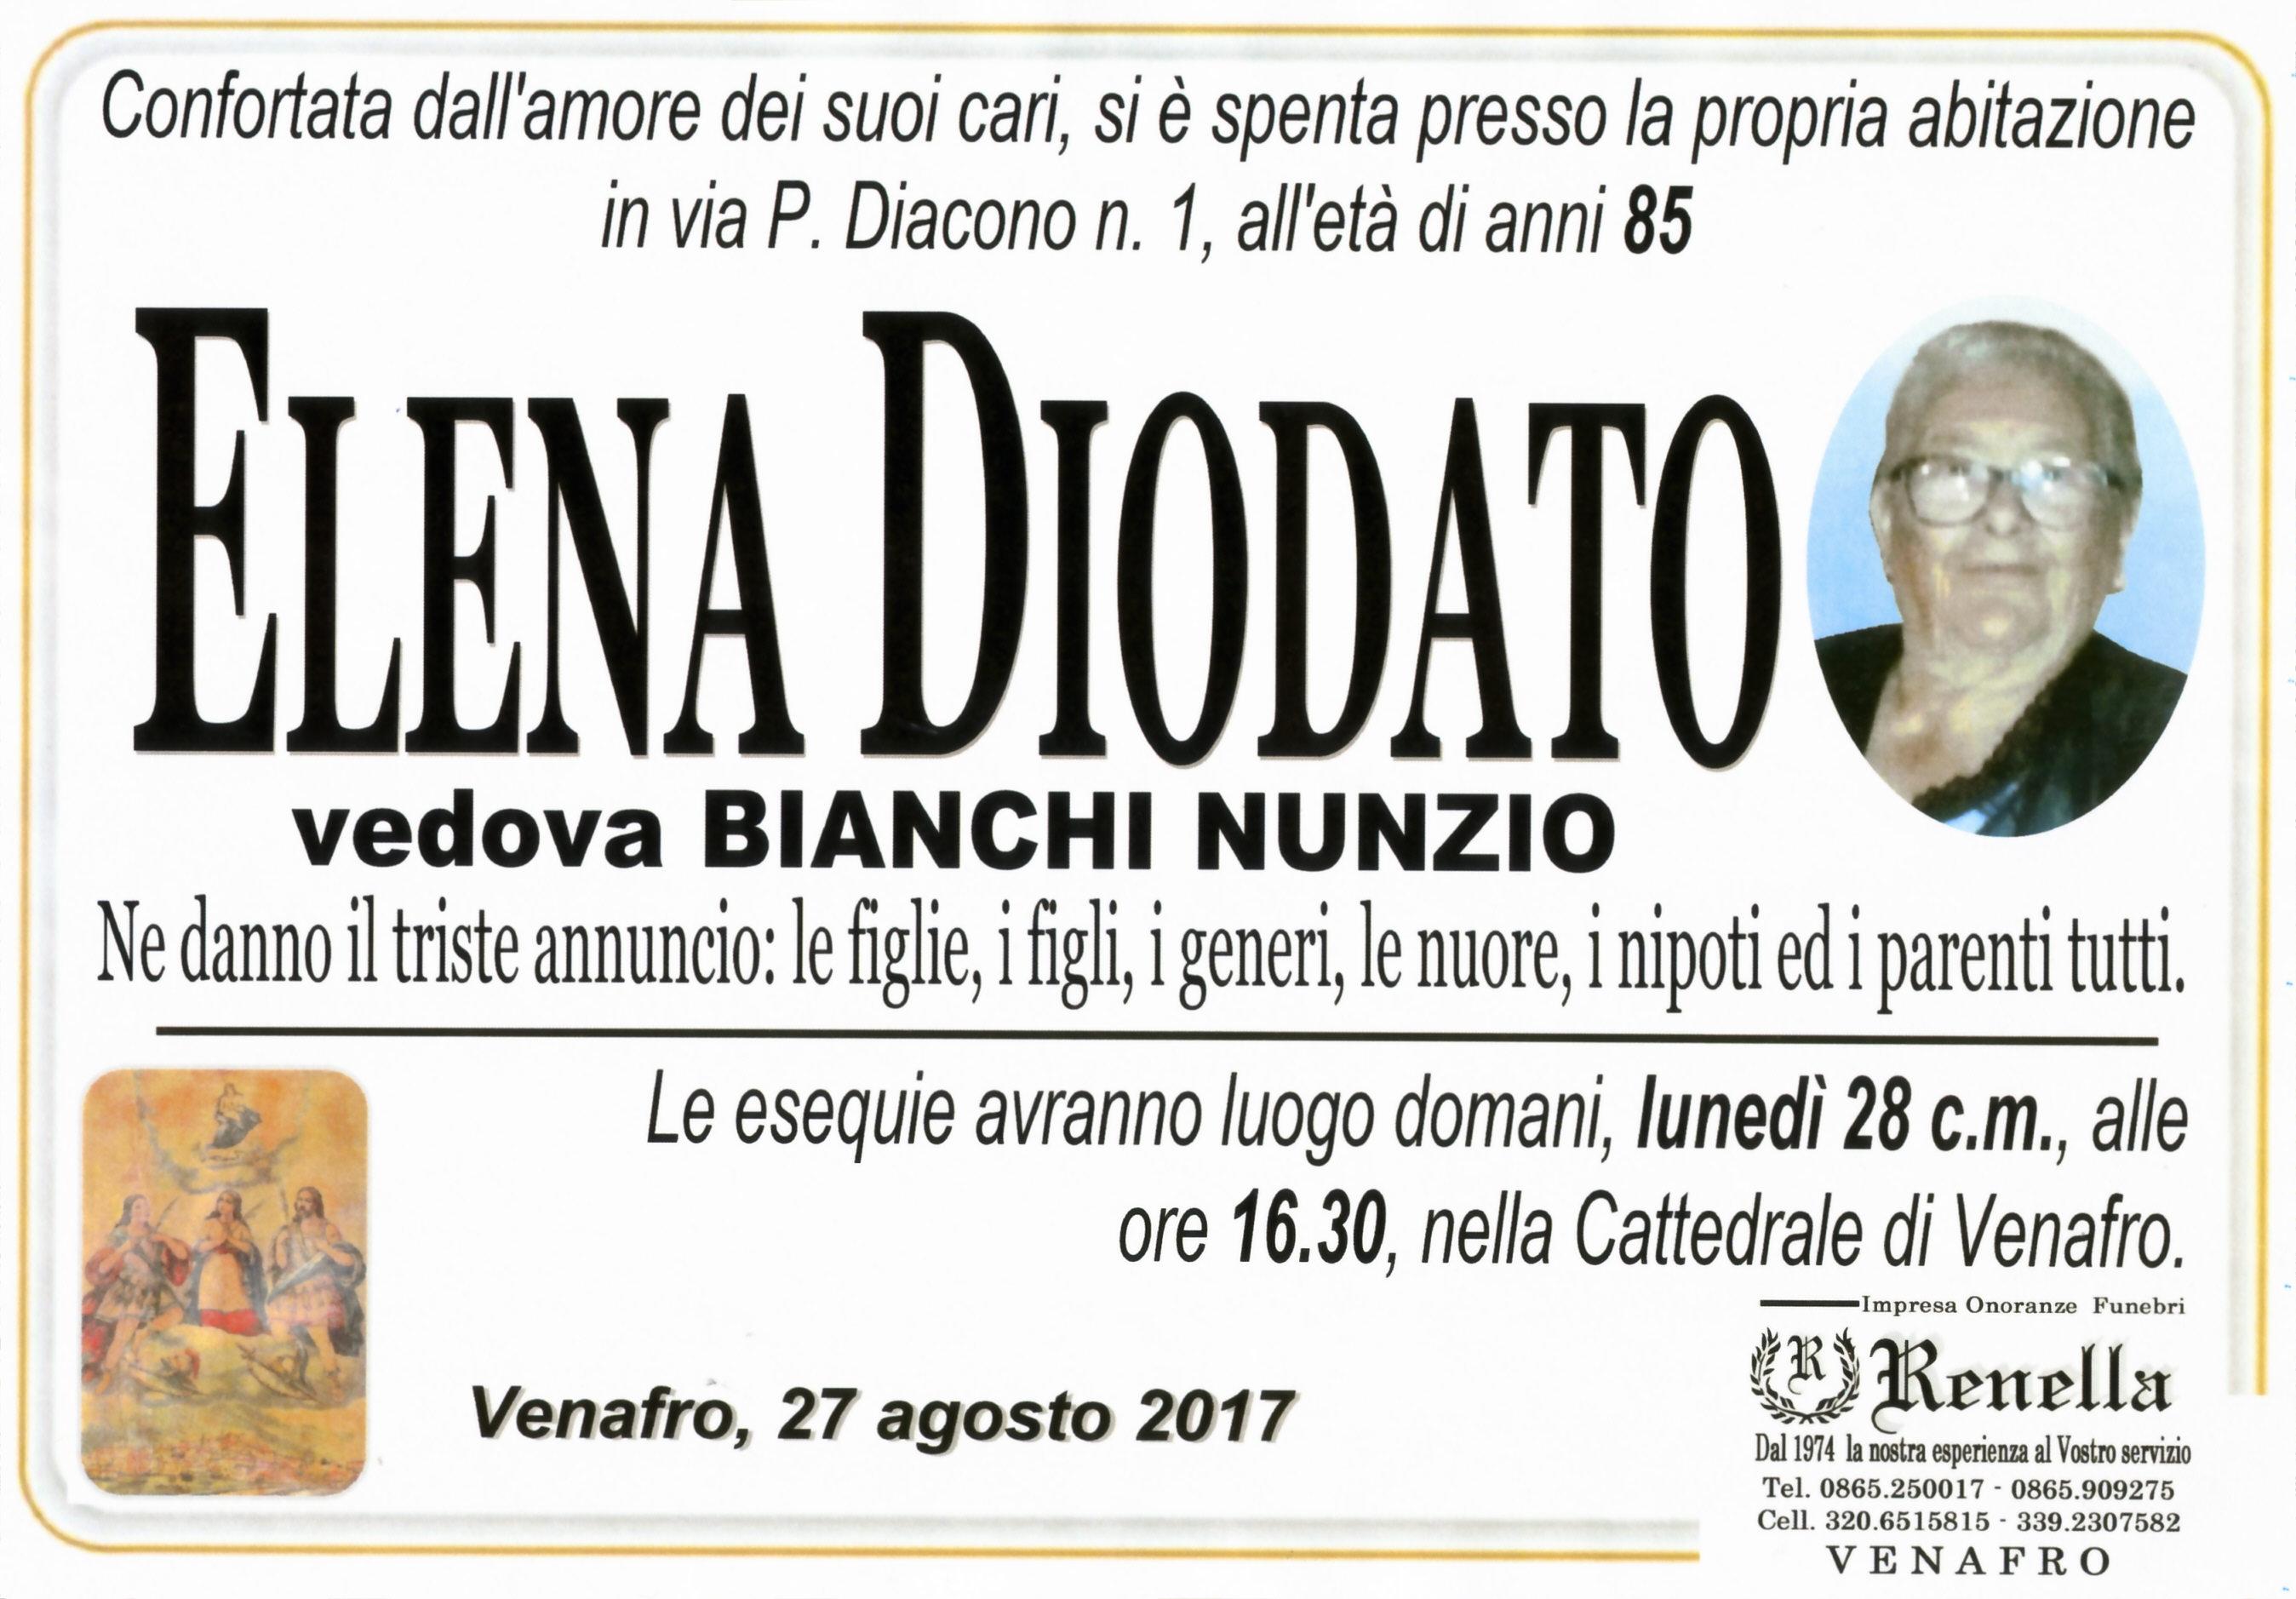 Elena Diodato, 27/08/2017, Venafro – Onoranze Funebri Renella